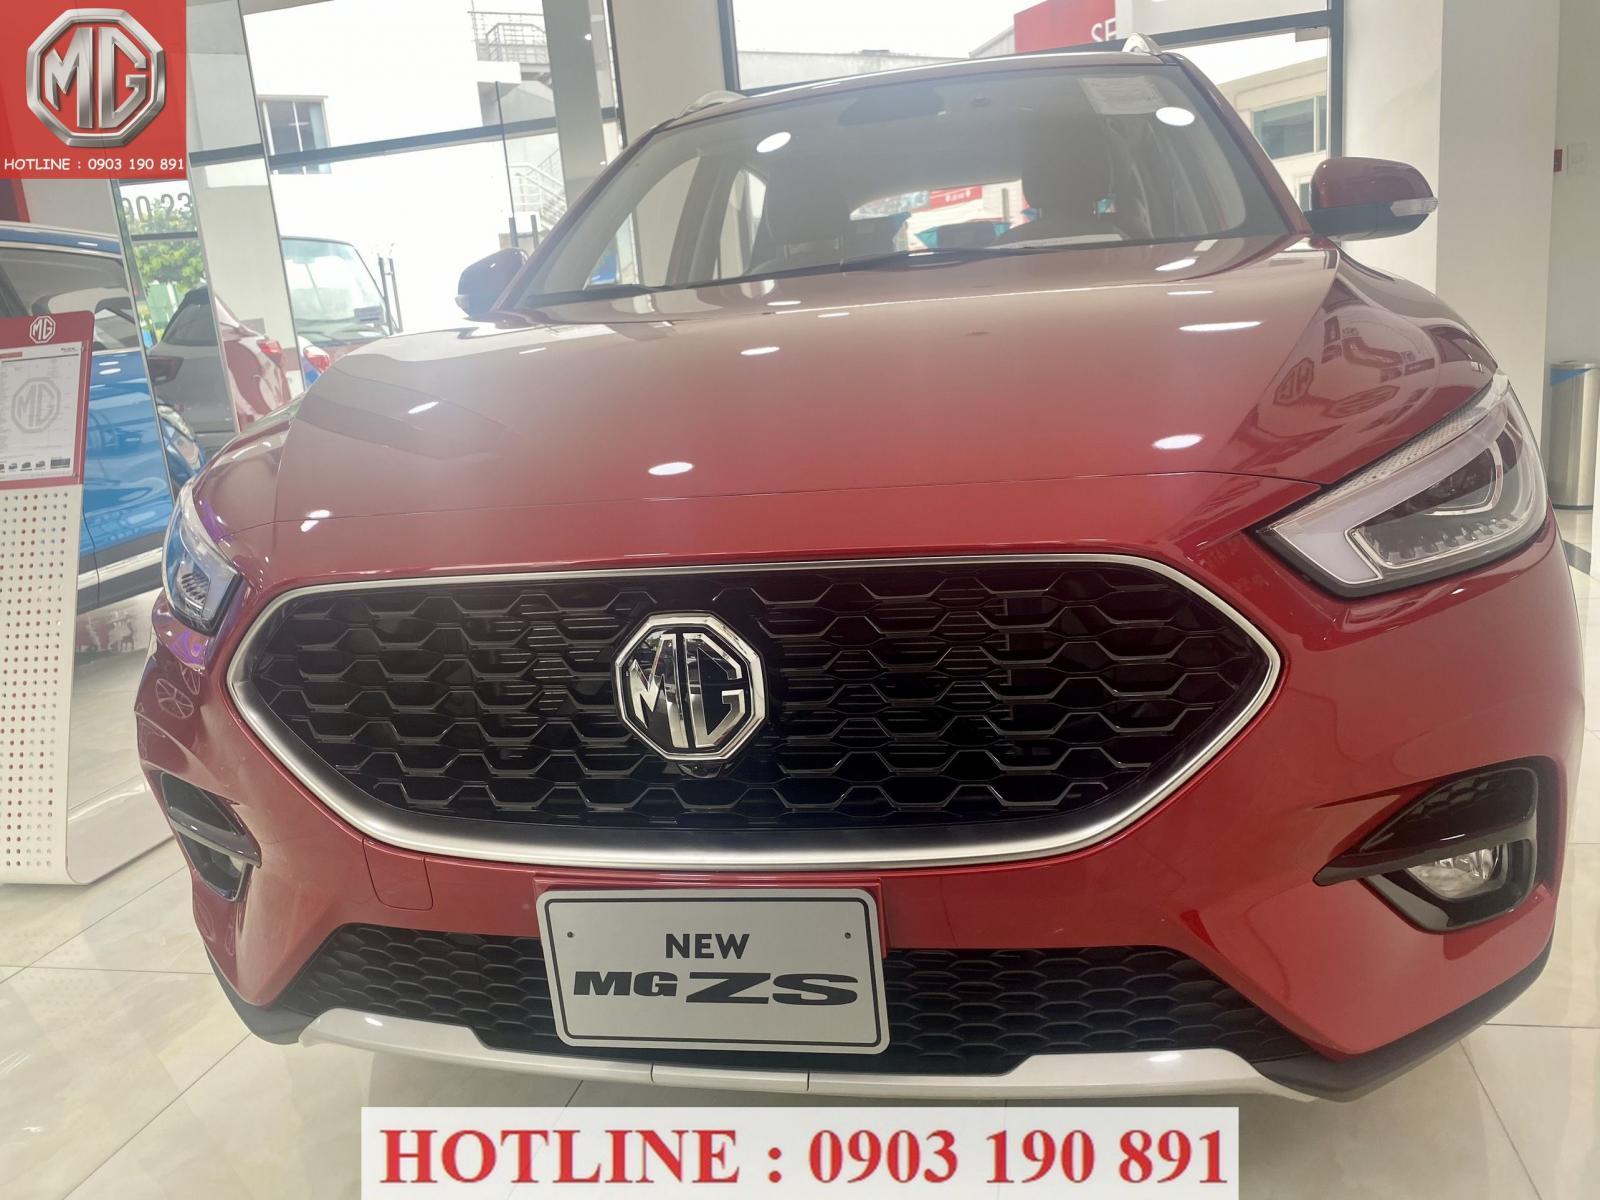 Cần bán MG ZS 2021, màu đỏ, giá chỉ 510 triệu